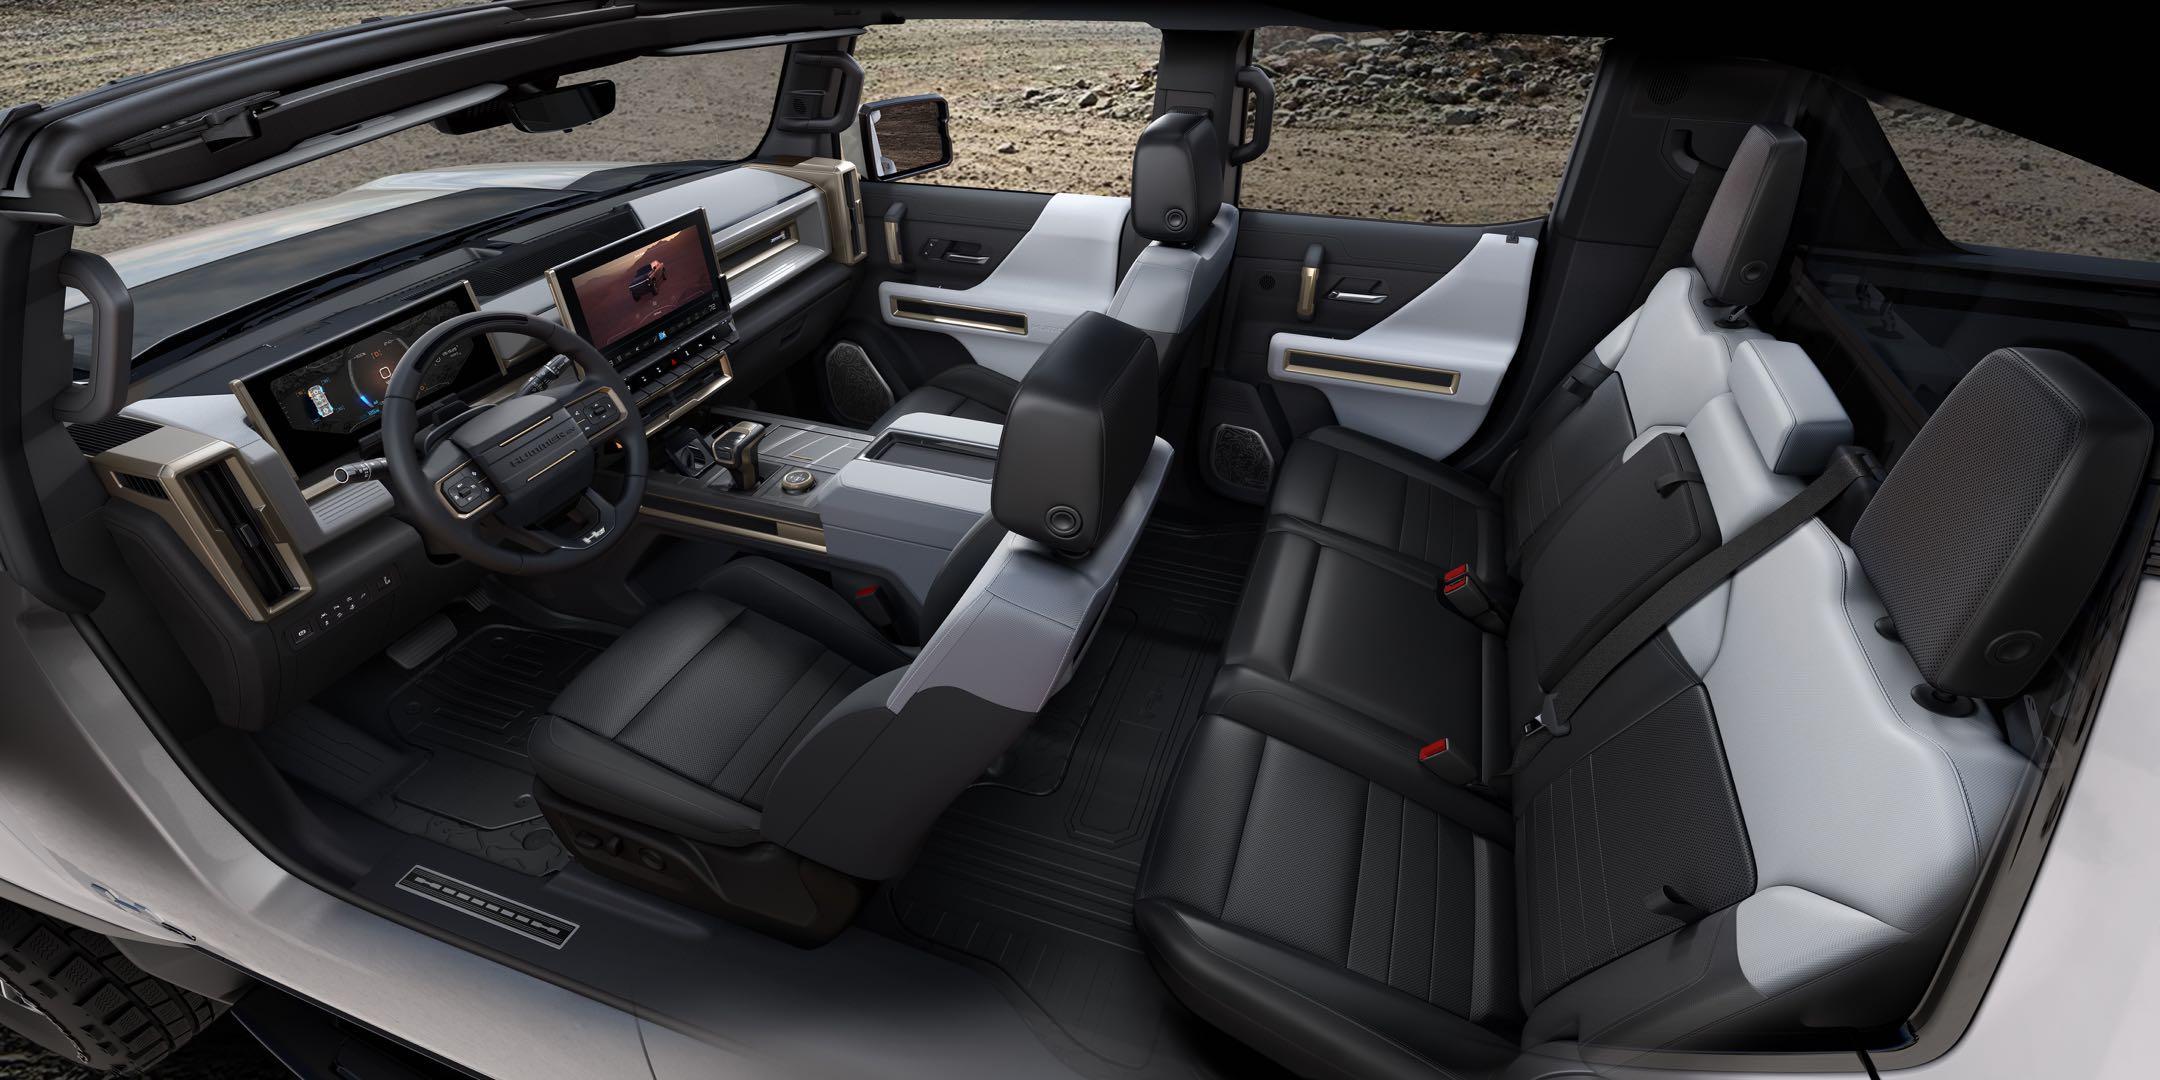 通用发布电动悍马  高配11.2万美金明年上市